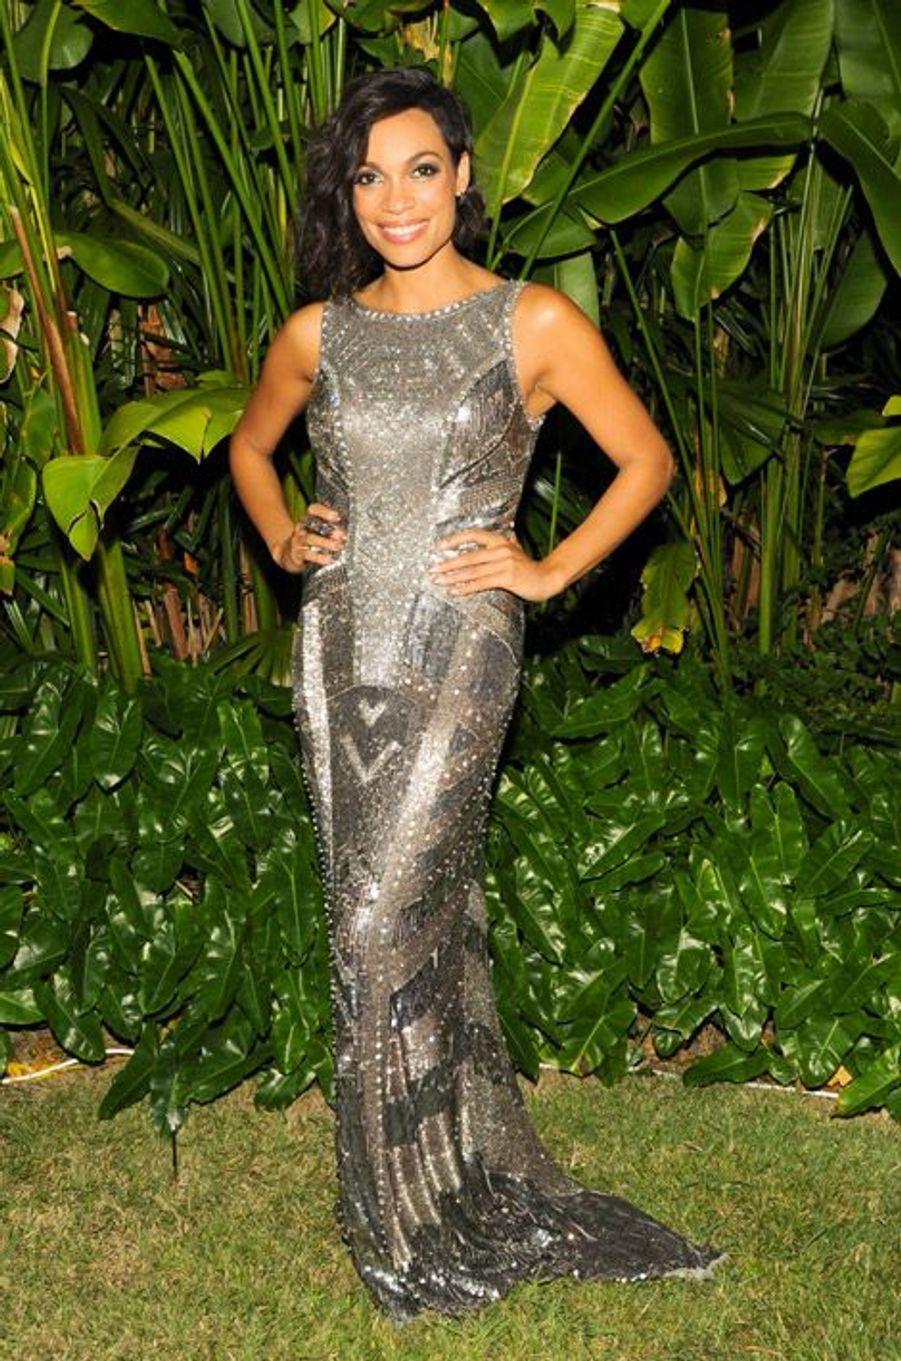 L'actrice Rosario Dawson lors d'une soirée à Miami, le 5 décembre 2014